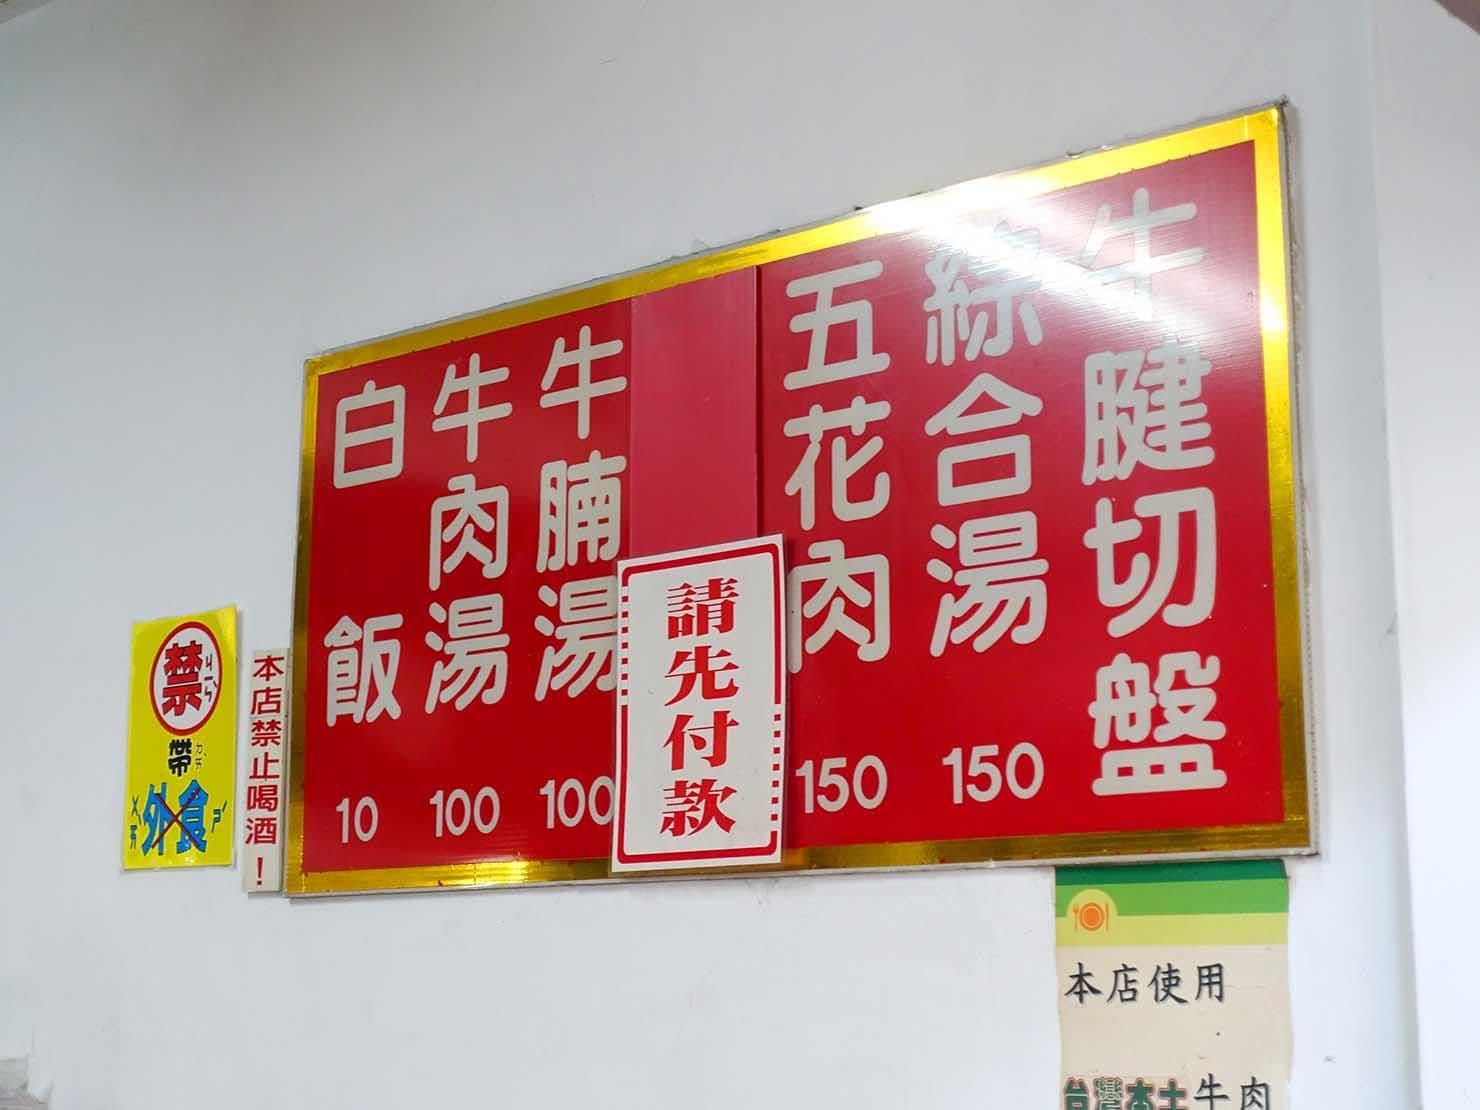 台南・永樂市場(國華街)のおすすめ台湾グルメ店「永樂牛肉湯」のメニュー